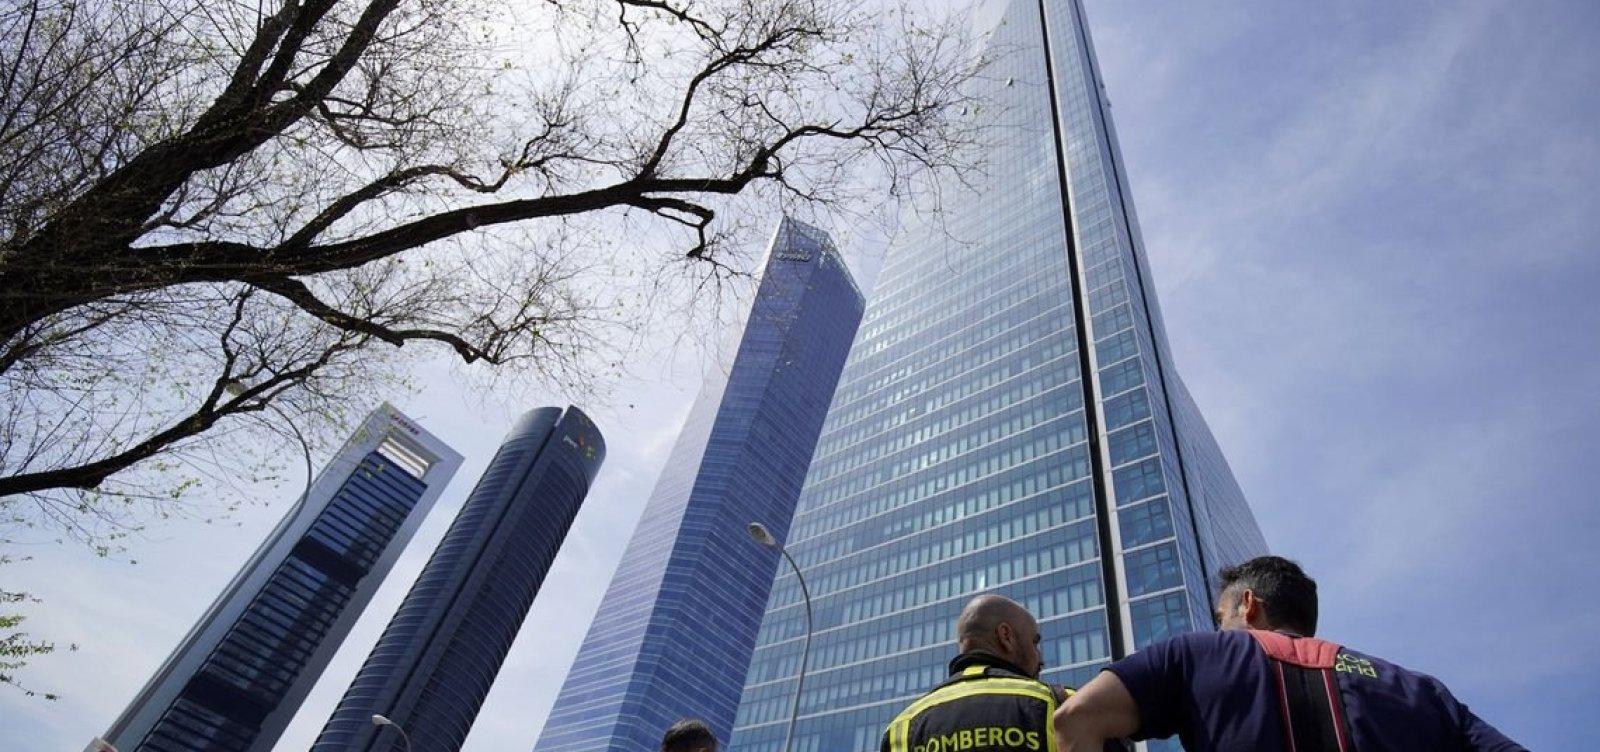 Ameaça falsa de bomba evacua um dos maiores edifícios da Europa